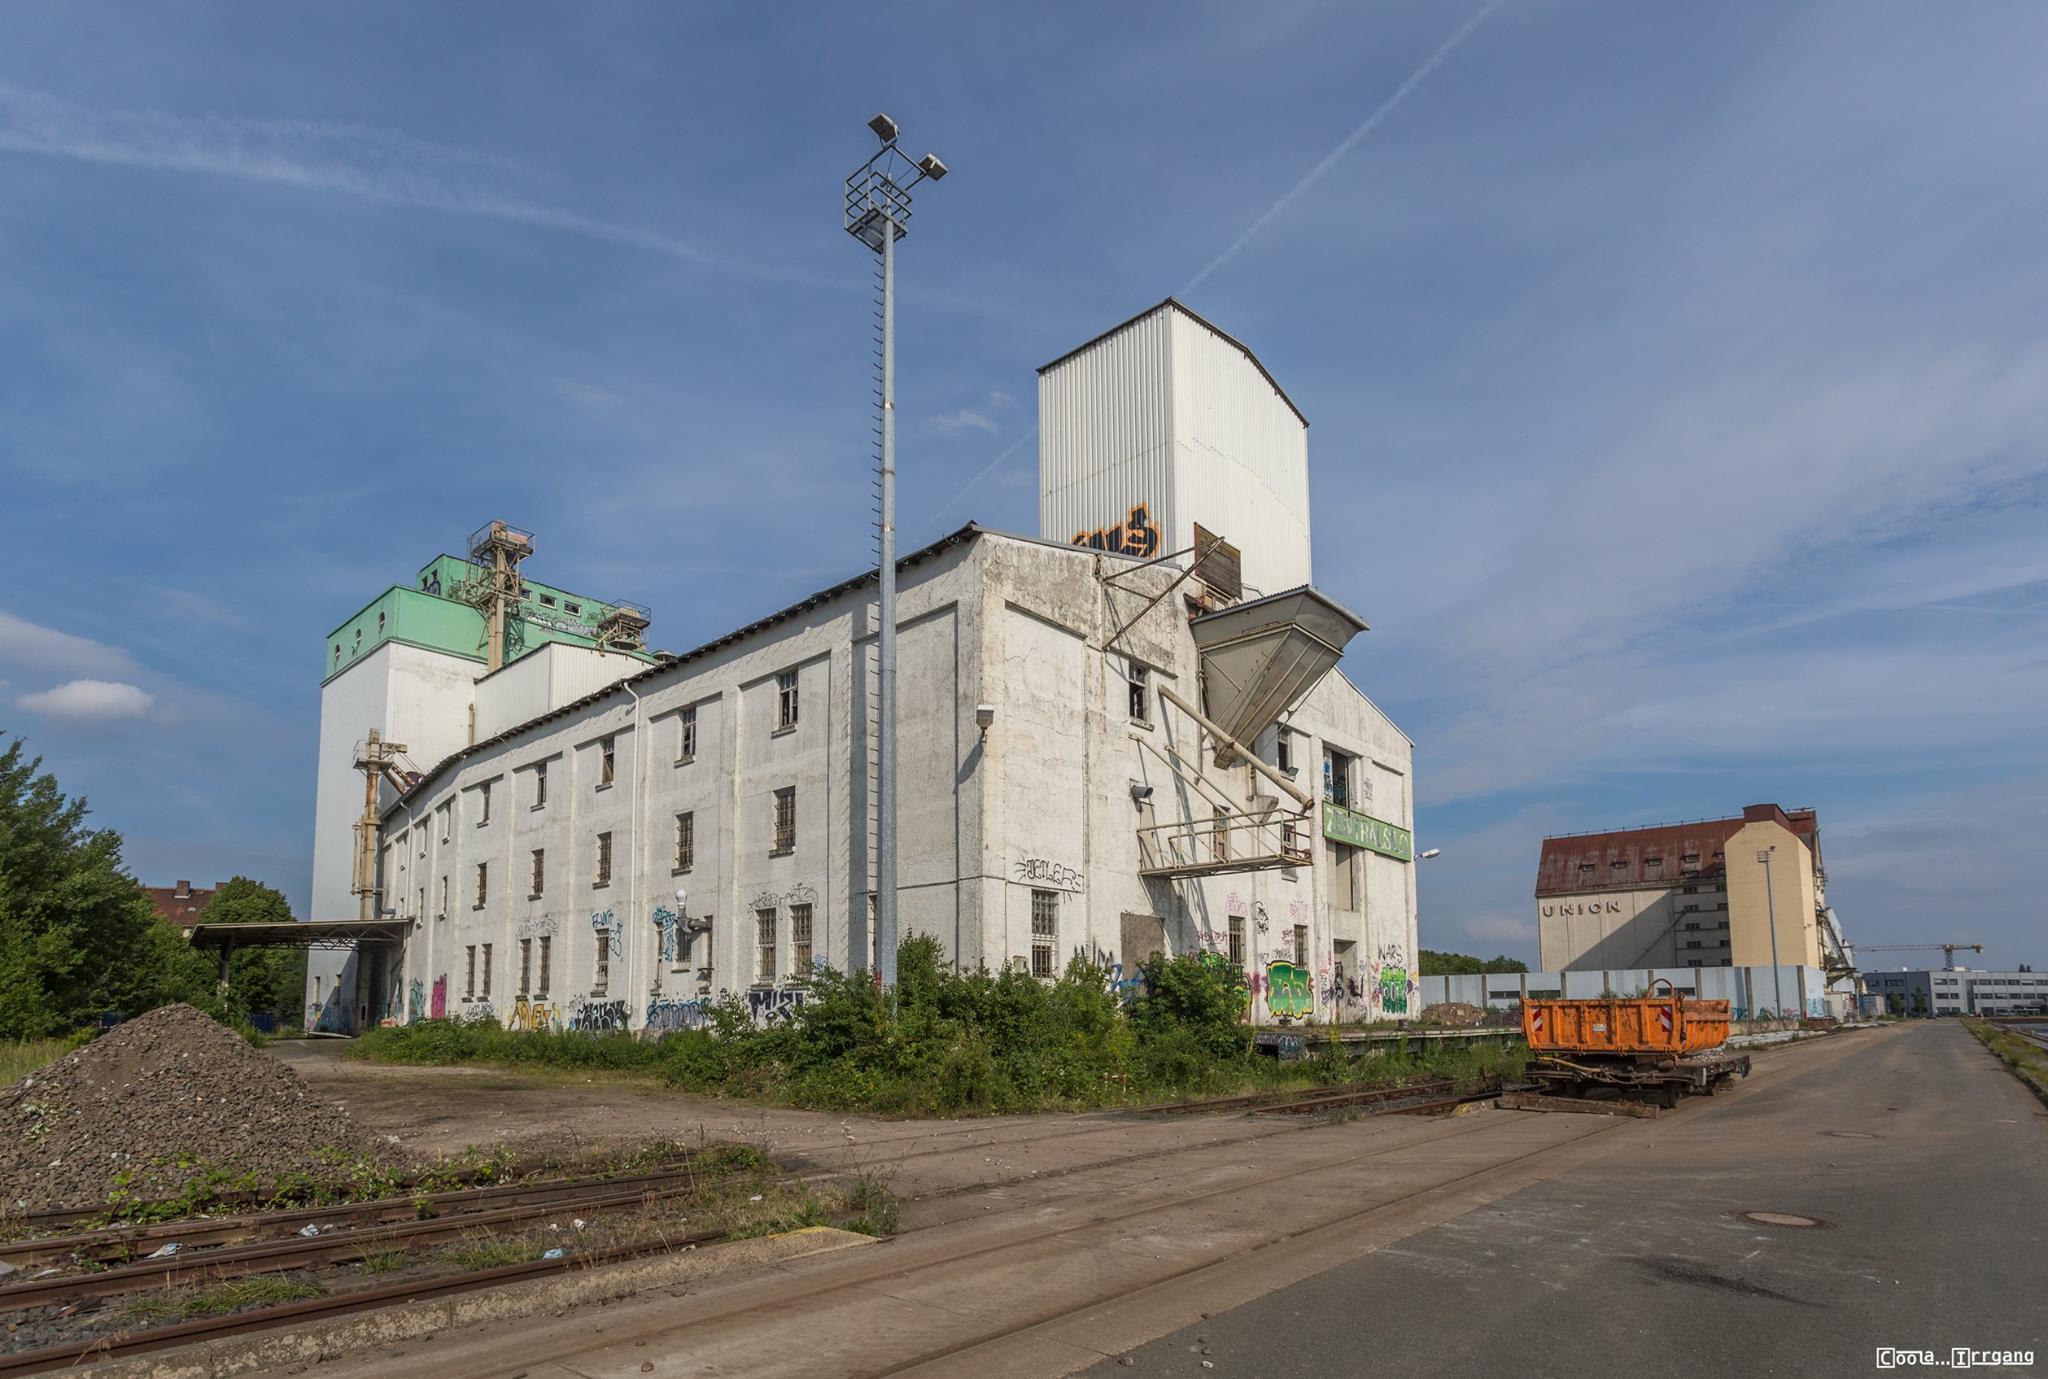 Raiffeisen Haupt-Genossenschaft Hannover